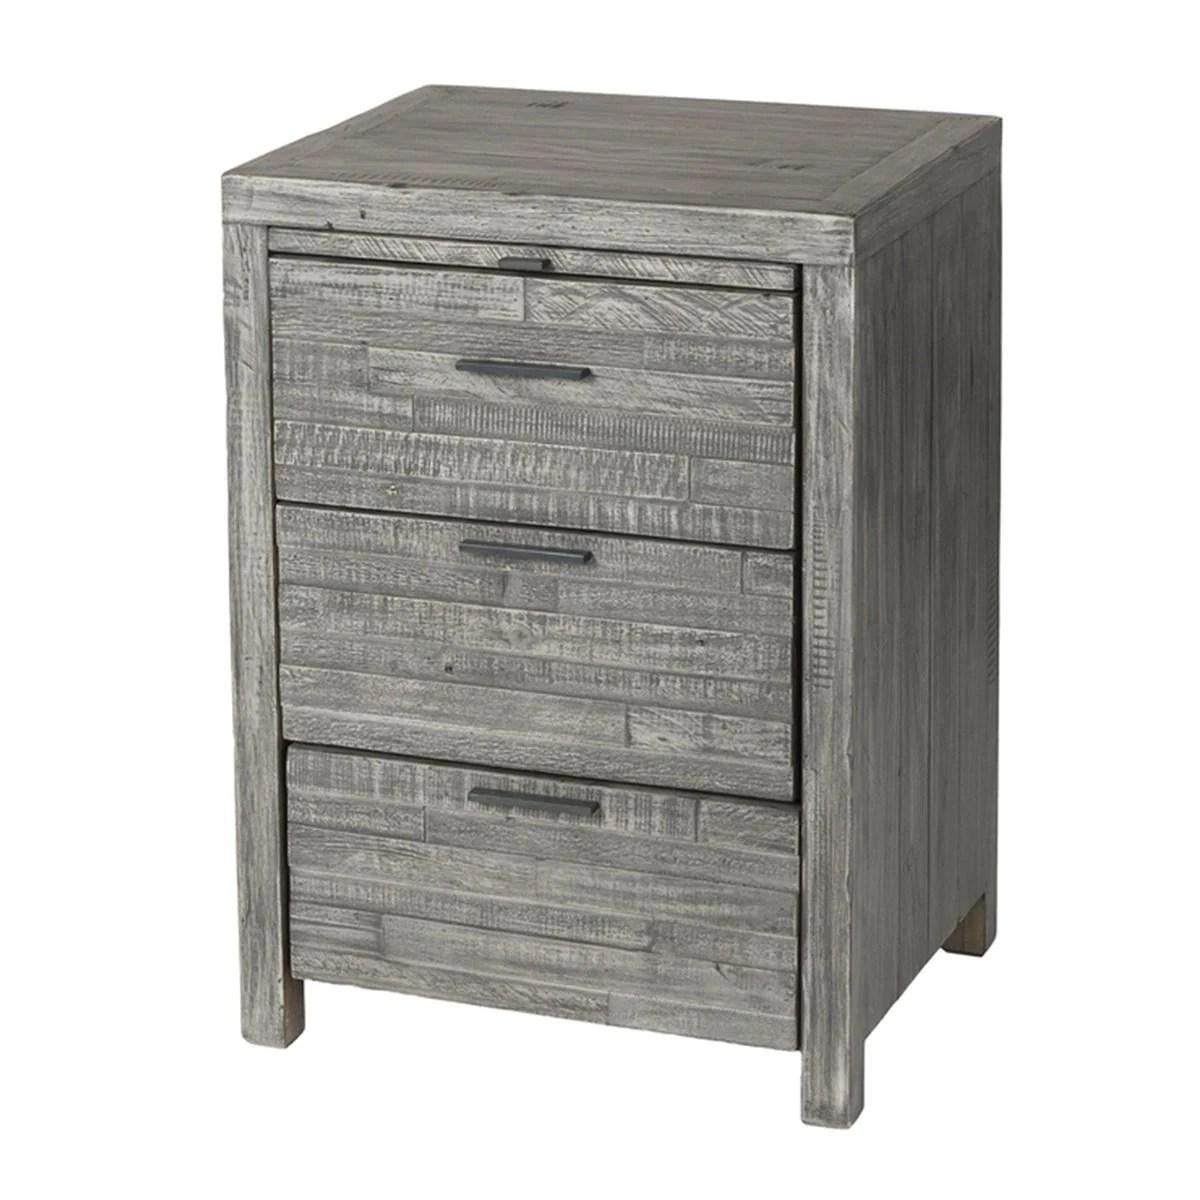 Solid Wood Nightstand Grey Wash